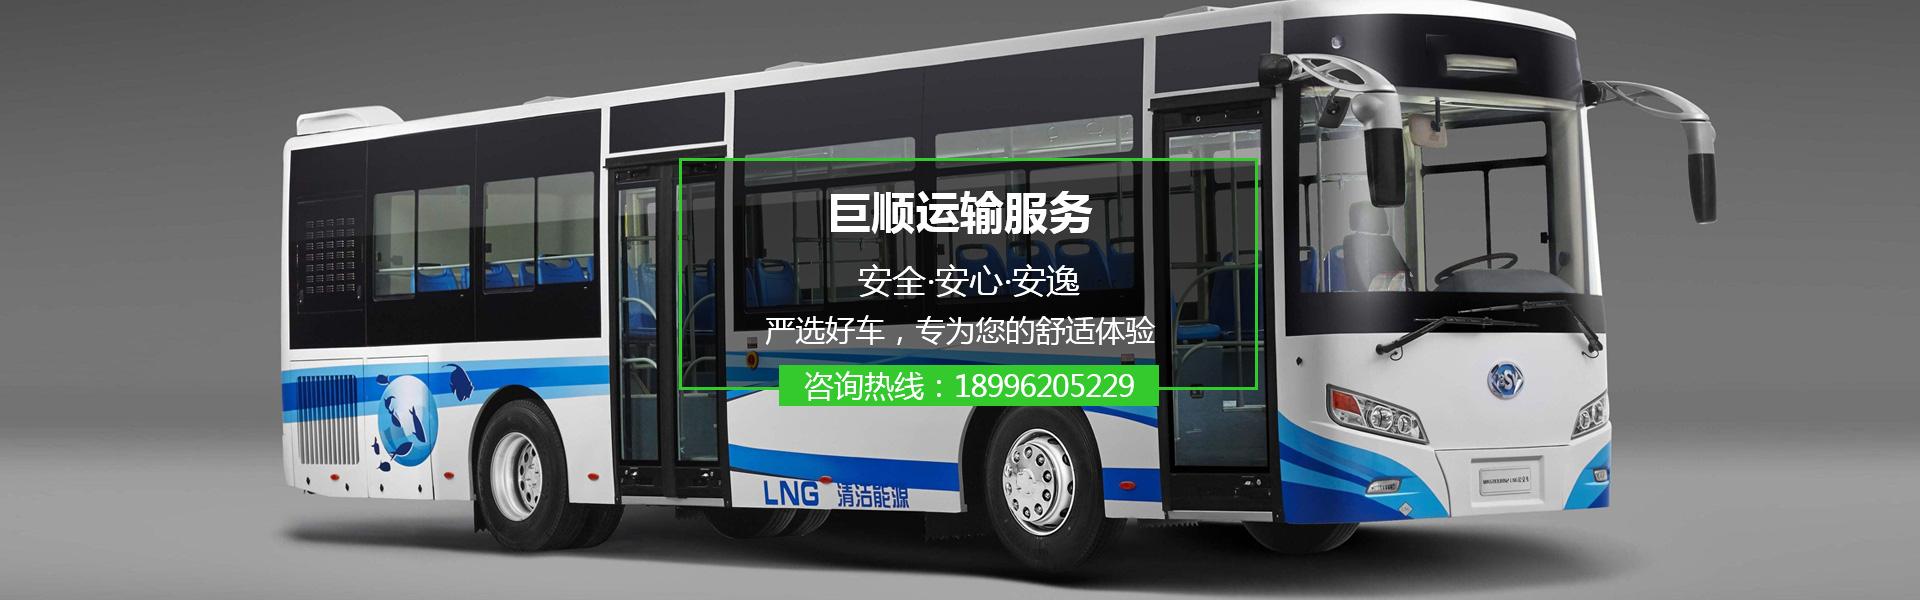 重庆商务接待租车公司